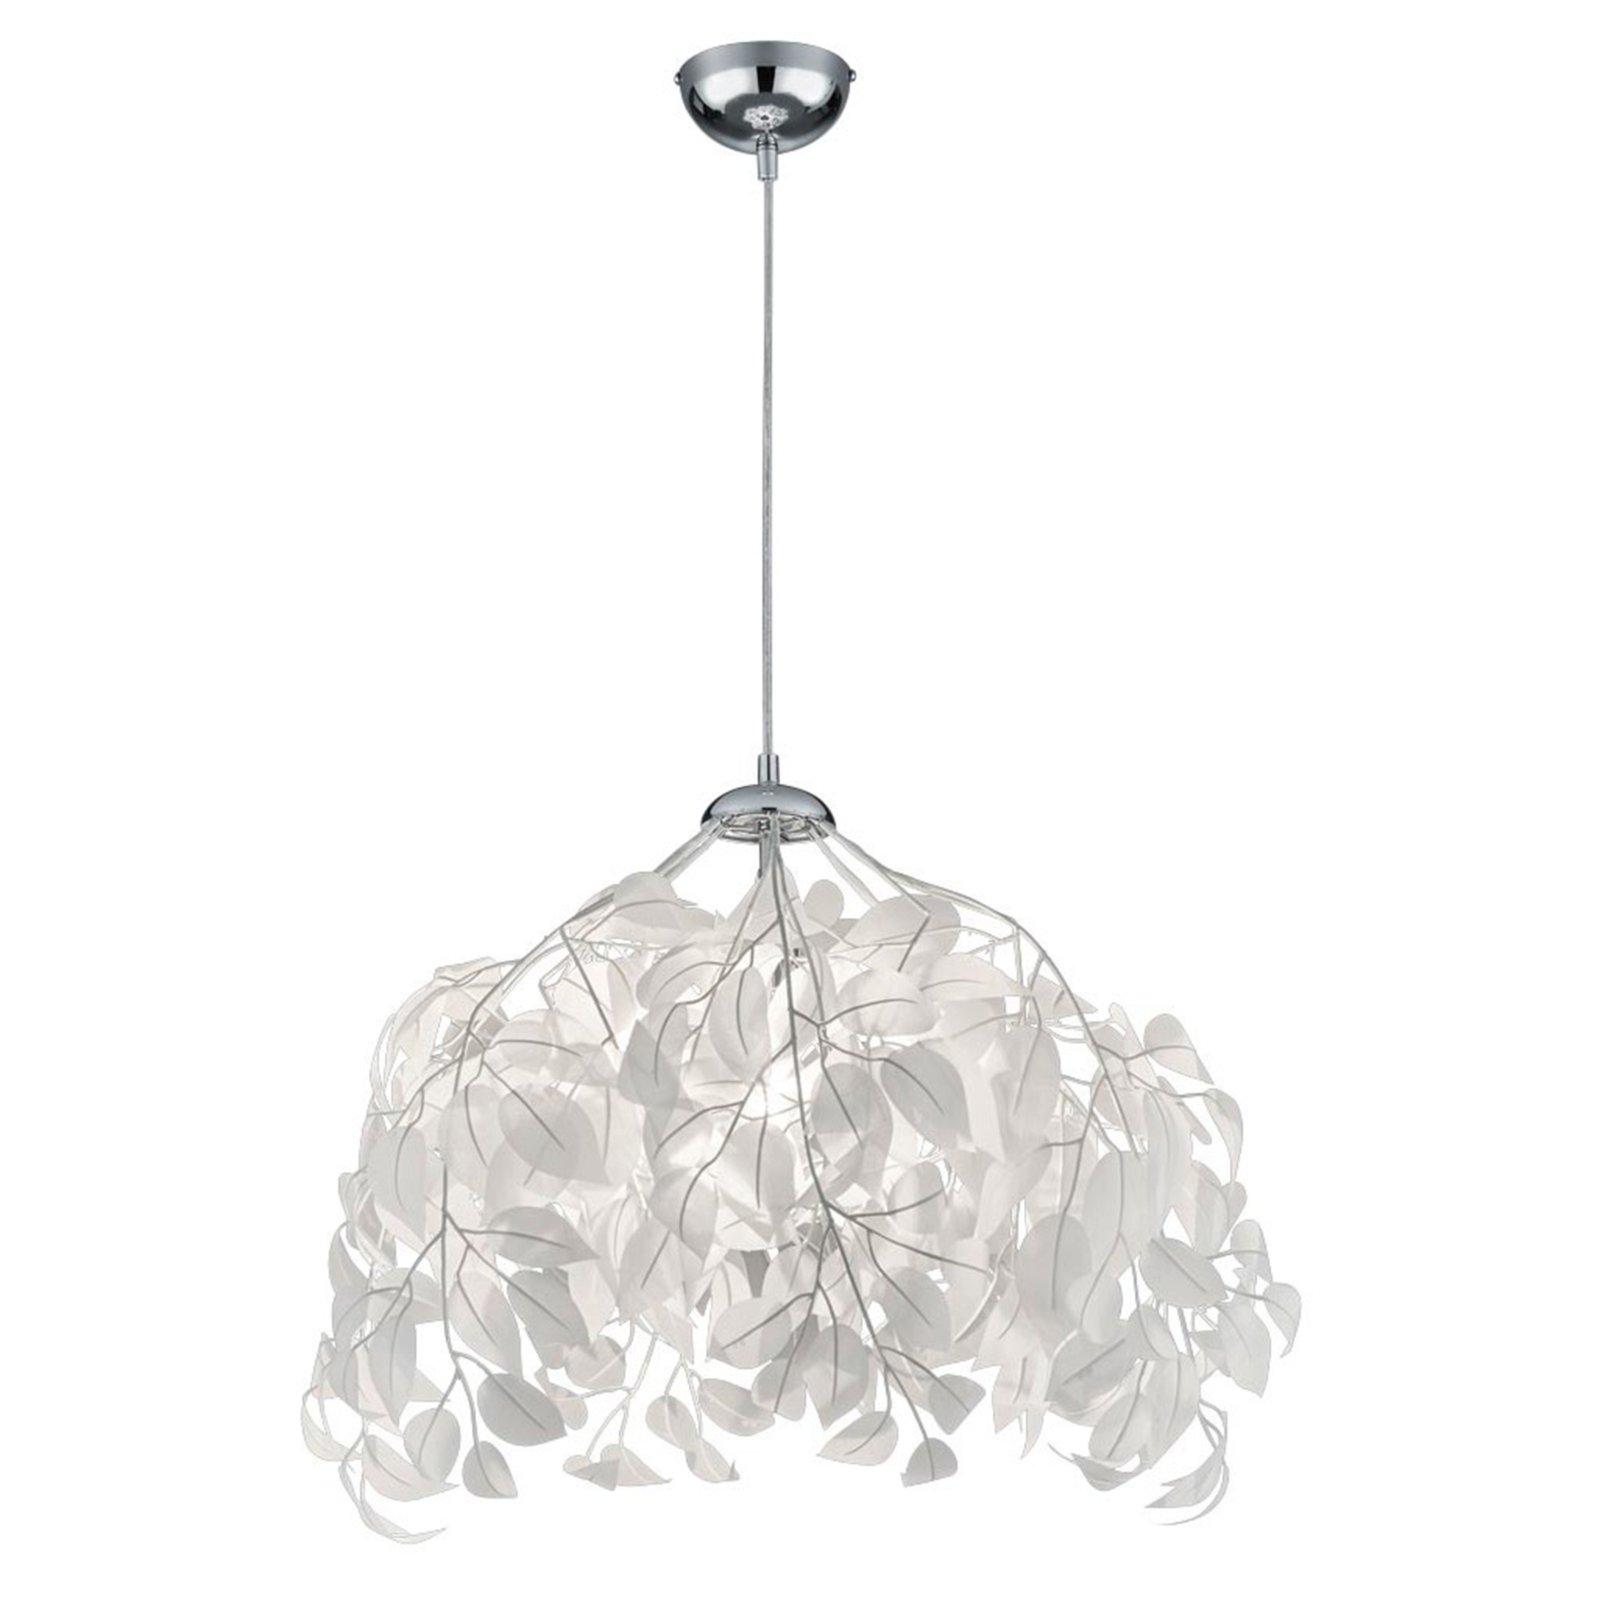 pendelleuchte leavy wei bl tter 38 cm pendelleuchten h ngelampen lampen roller. Black Bedroom Furniture Sets. Home Design Ideas